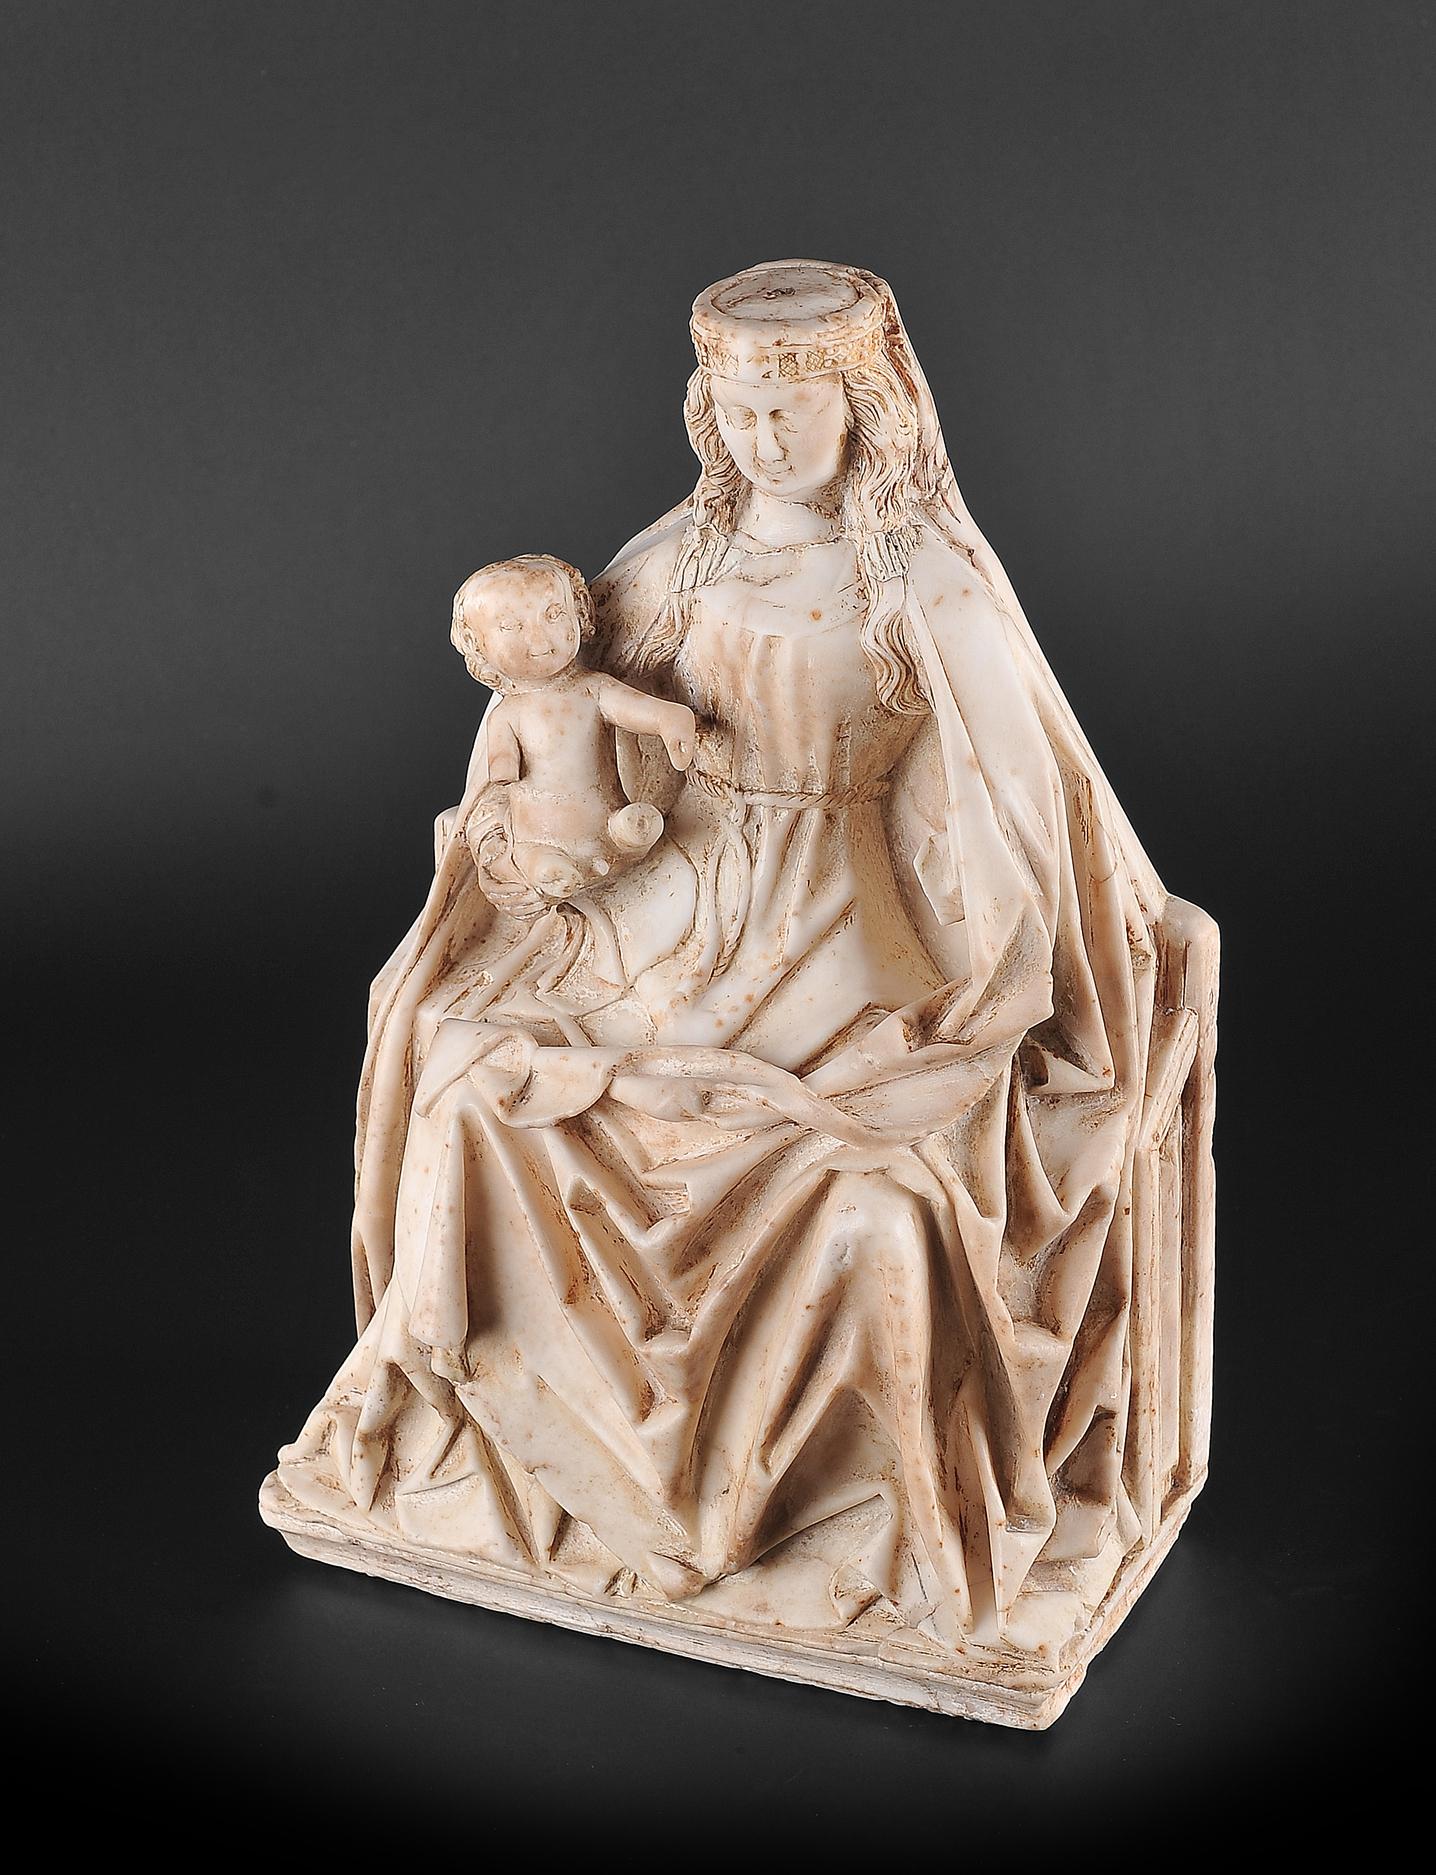 Gil de Siloe, Antwerpen 1440 – 1501 Burgos (und Werkstatt), Sitzende Madonna, um 1485/90 - Image 5 of 25